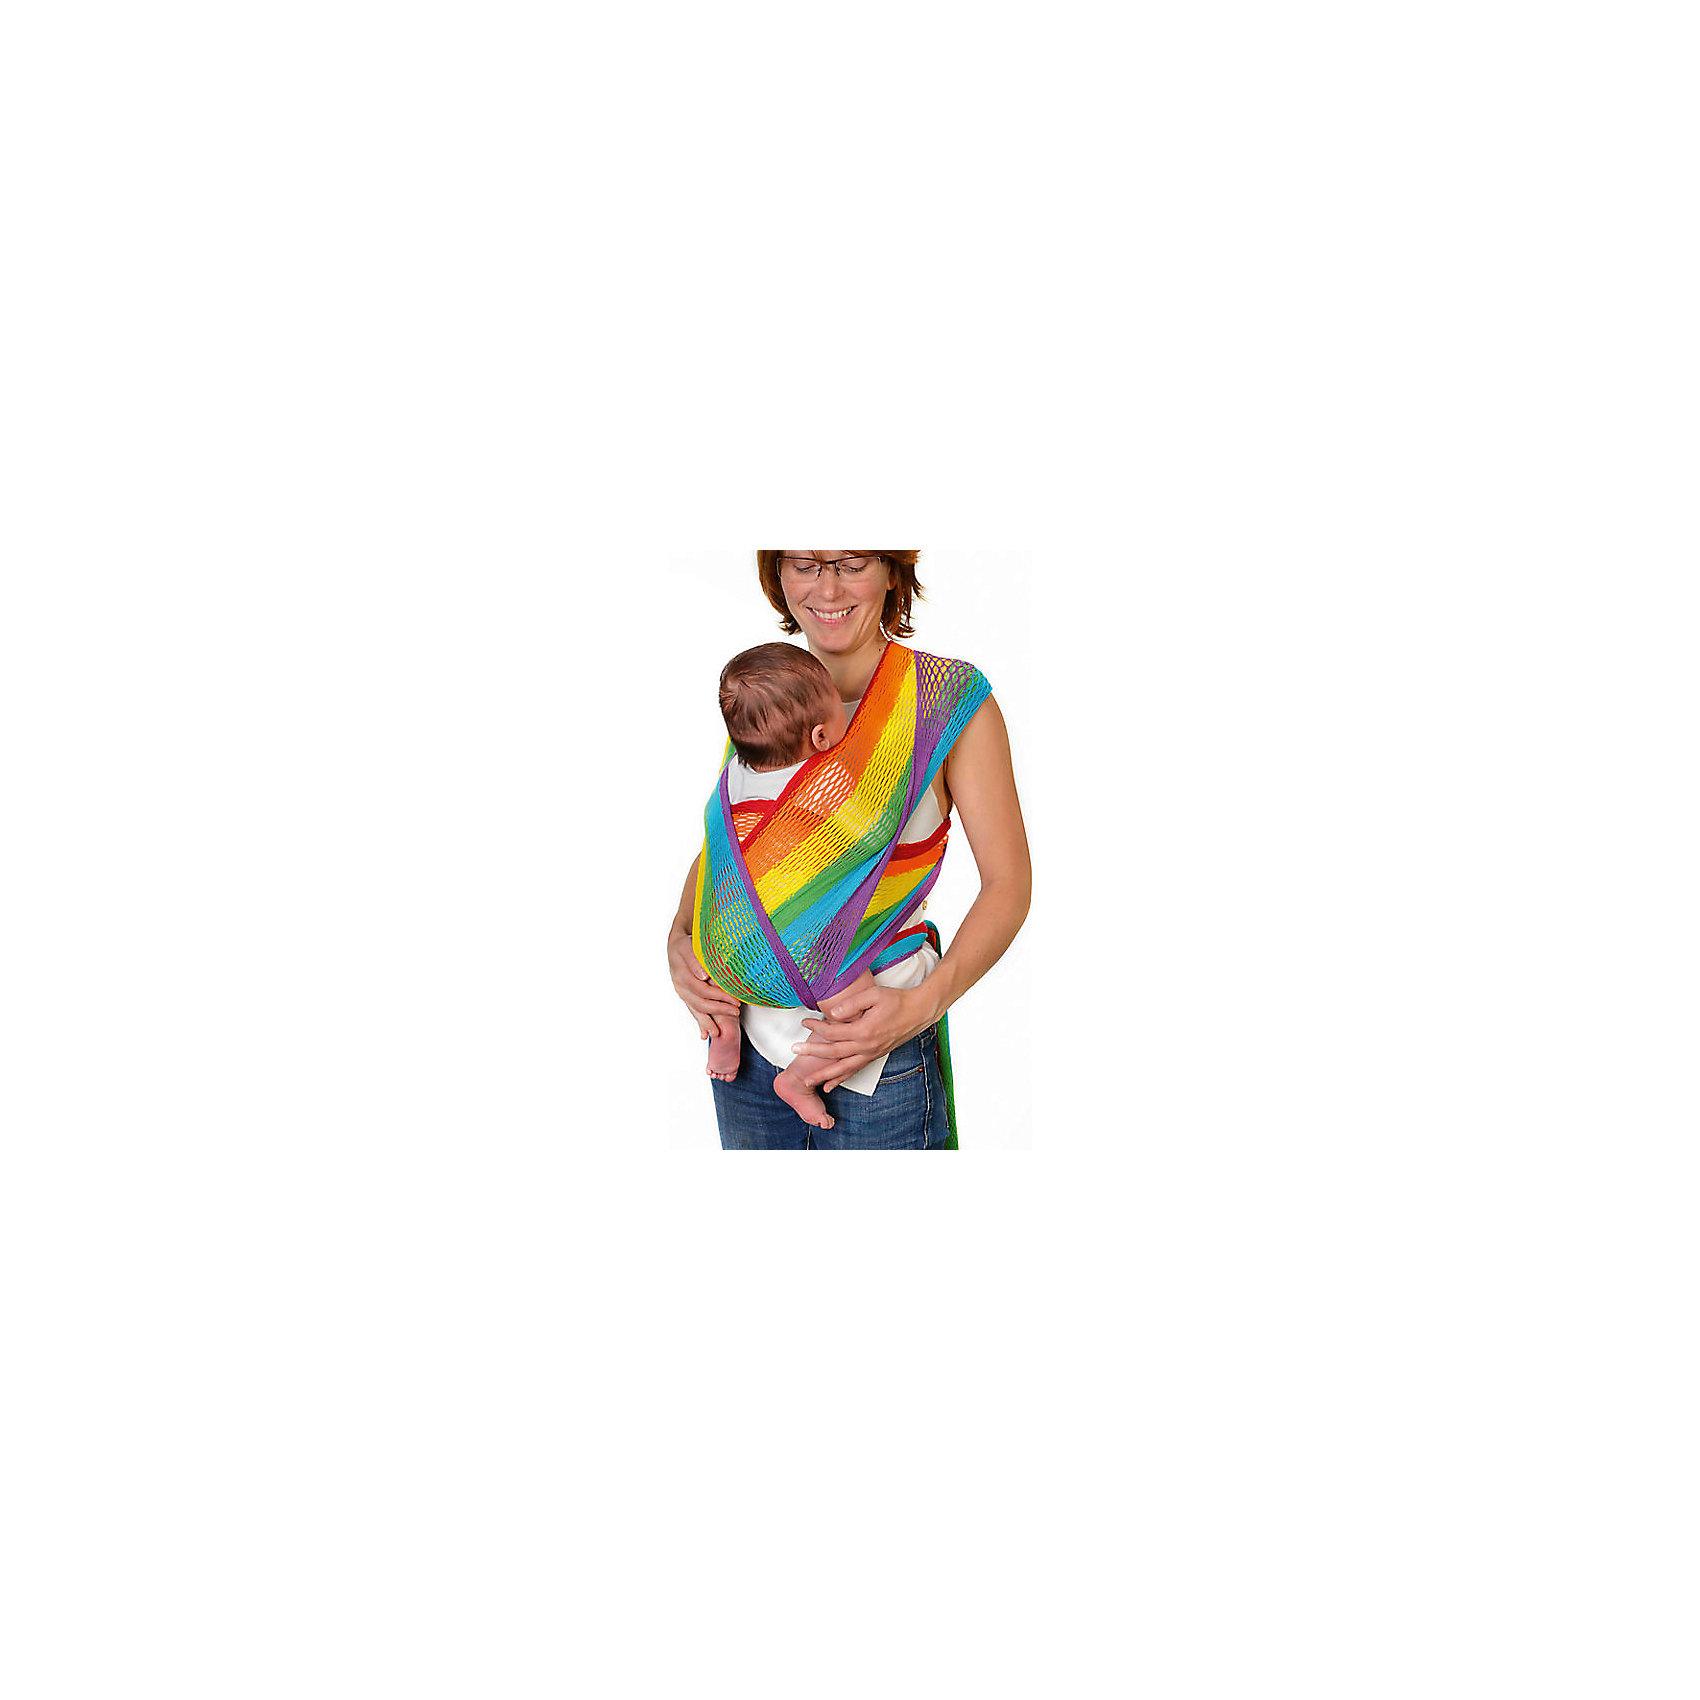 Слинг-шарф из хлопка плетеный размер s-m, Филап, Filt, радуга<br><br>Ширина мм: 800<br>Глубина мм: 800<br>Высота мм: 50<br>Вес г: 500<br>Возраст от месяцев: 0<br>Возраст до месяцев: 12<br>Пол: Унисекс<br>Возраст: Детский<br>SKU: 5445104